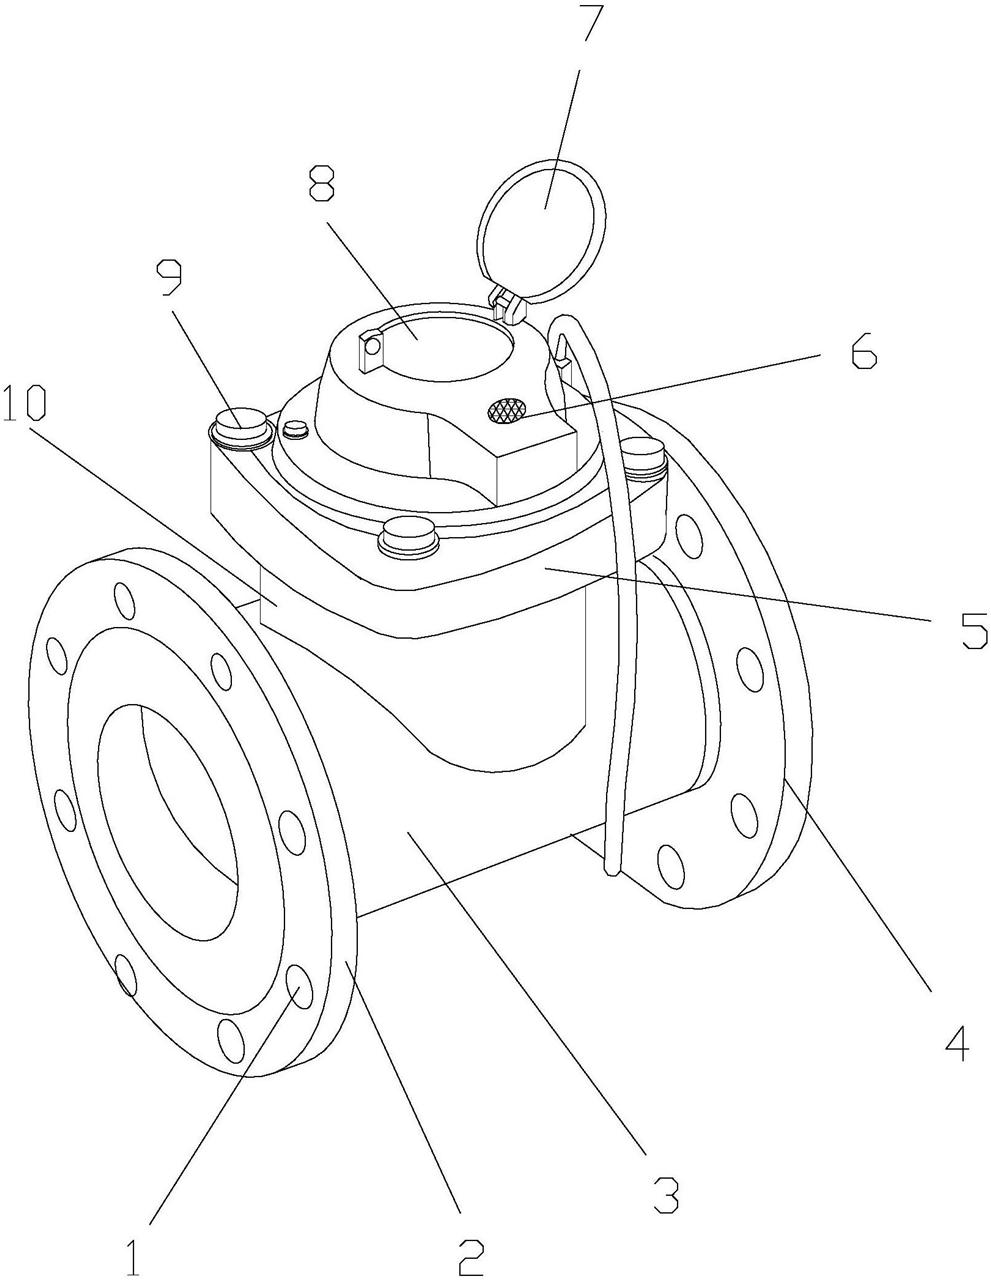 【仪表最新专利】一种新型的智能防盗水表